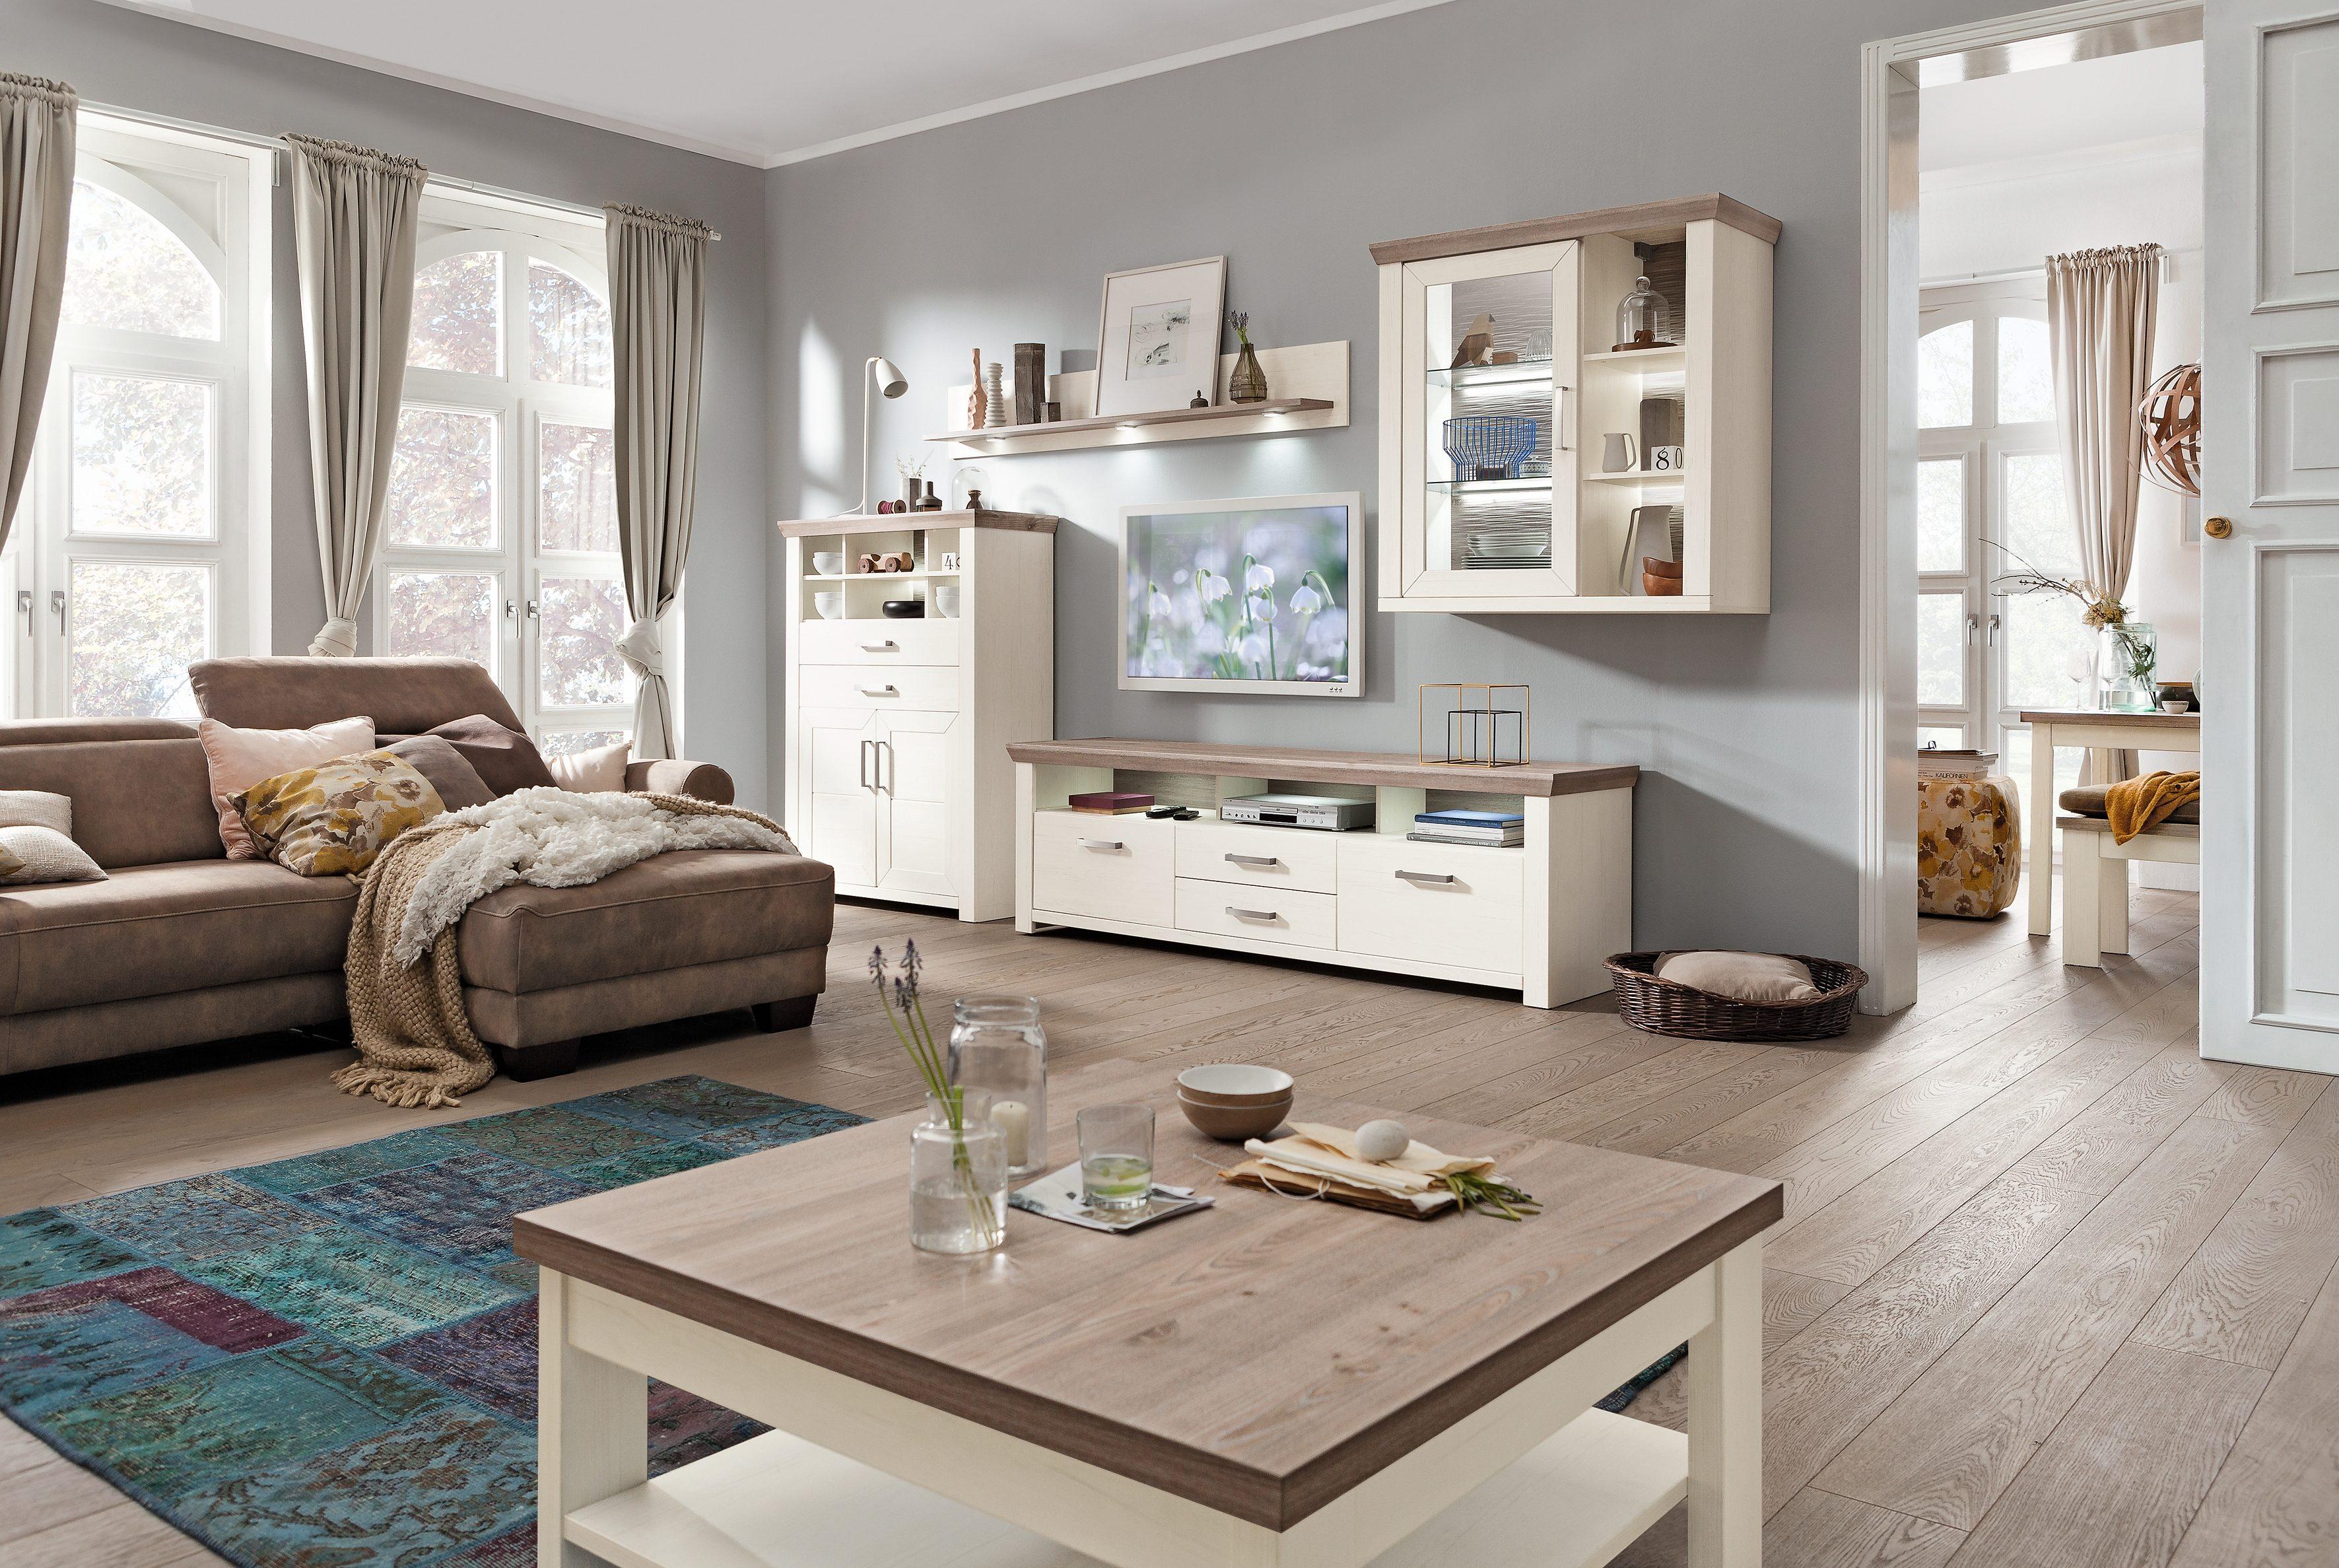 shabby chic deko wohnzimmer | sichtschutz